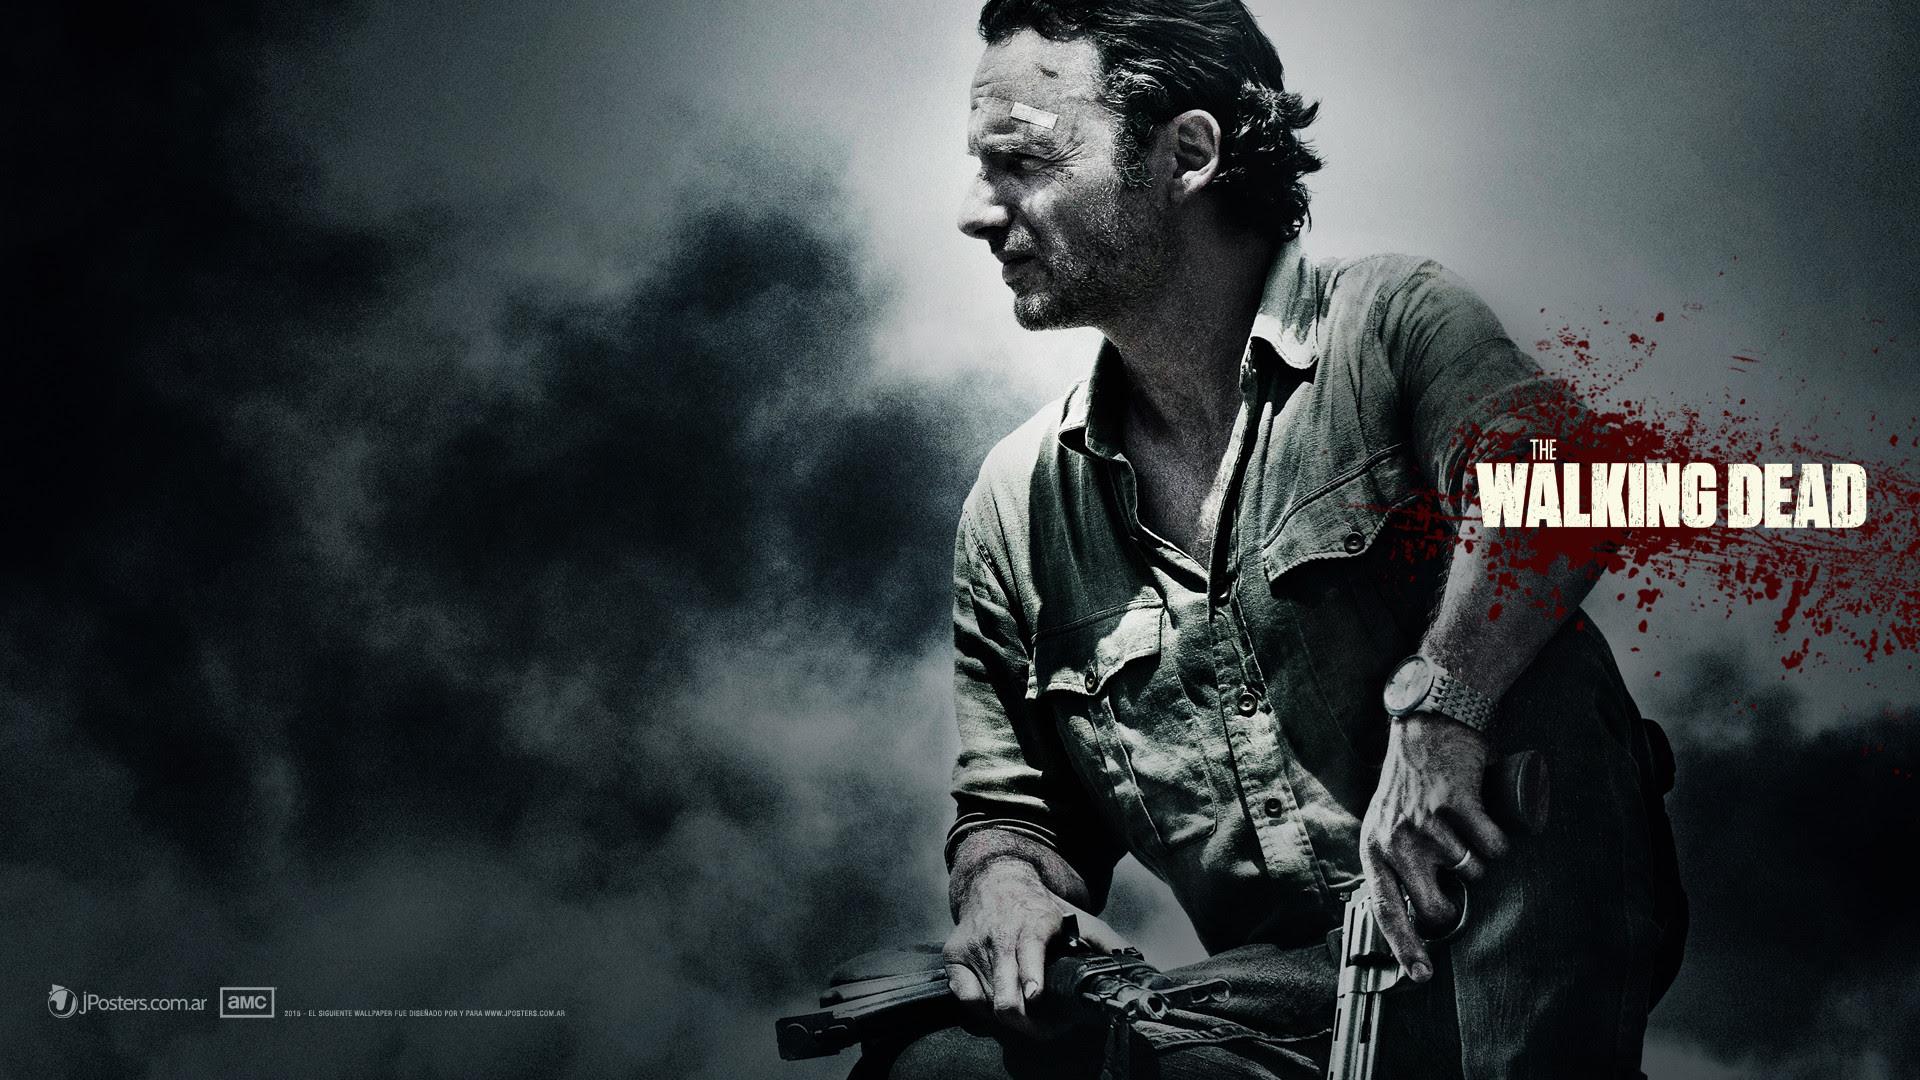 The Walking Dead Wallpaper Season 6 50 Images